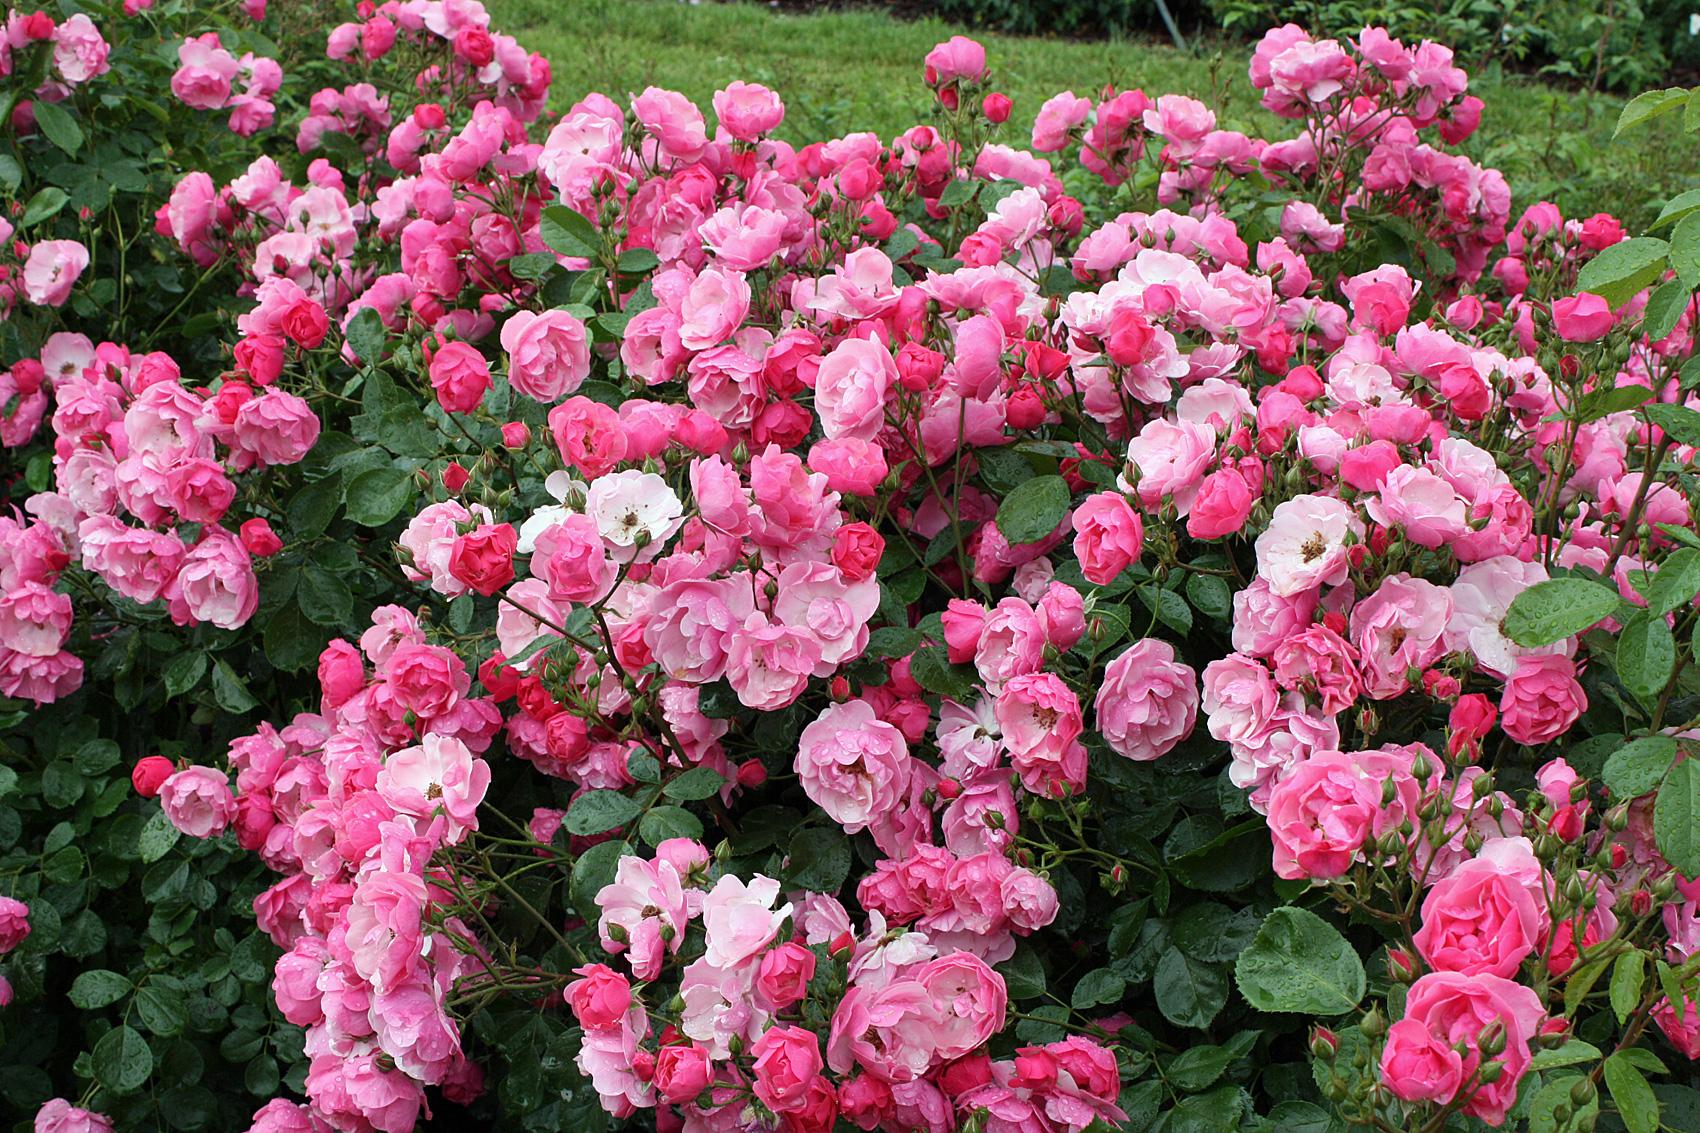 rosen und stauden kombinieren weil rosen tiefe bden in. Black Bedroom Furniture Sets. Home Design Ideas